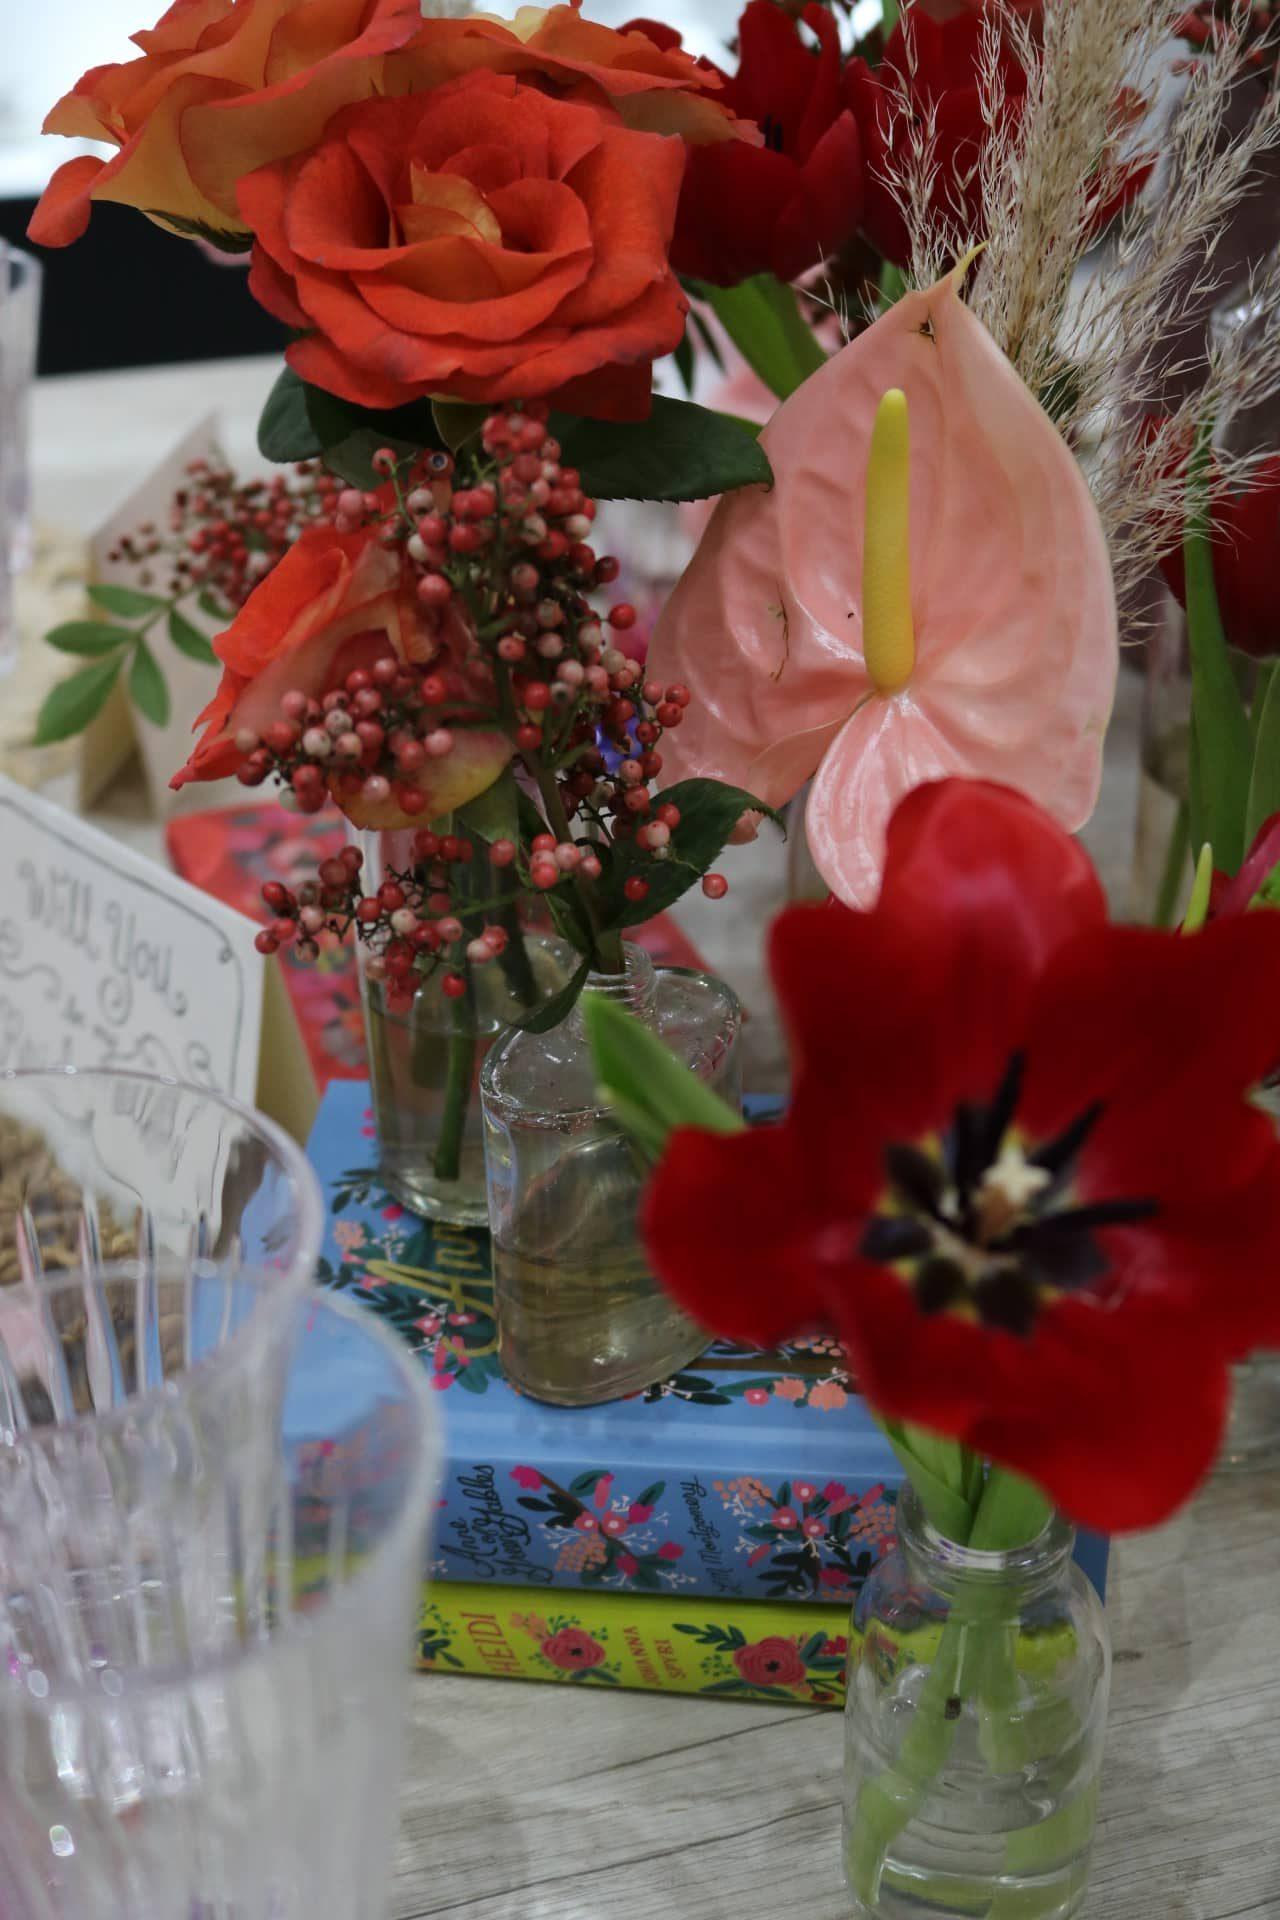 Imagem: No centro da mesa, use alguns livros como apoio para os vasos de flores. Assim, os arranjos ficam com alturas variadas. Foto: Lorena Baroni Bosio.